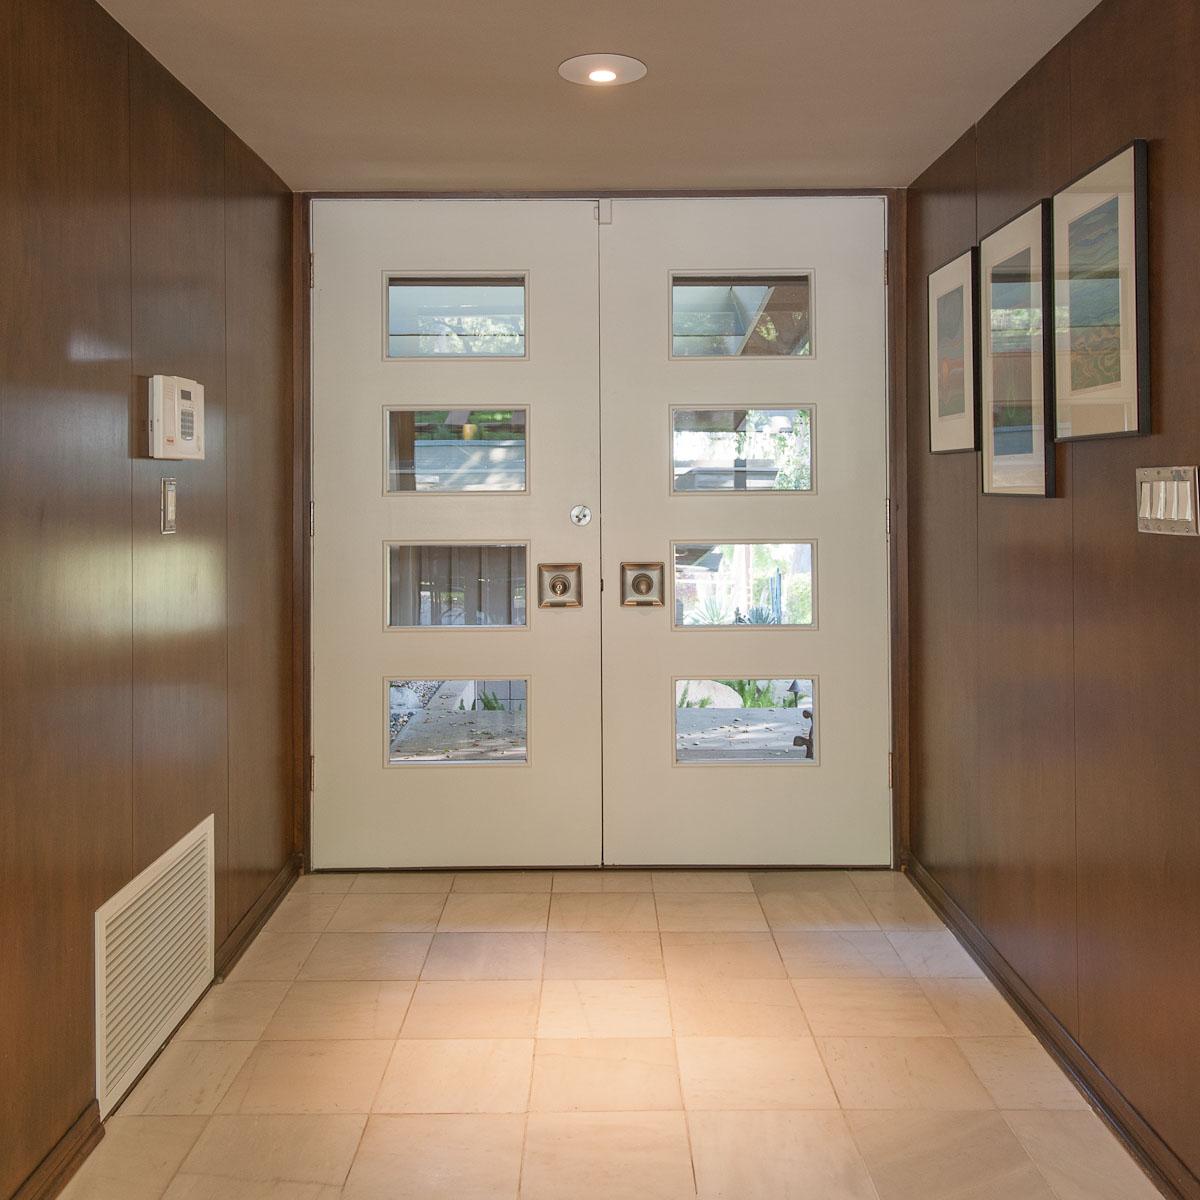 Дверь в стиле модерн со вставками